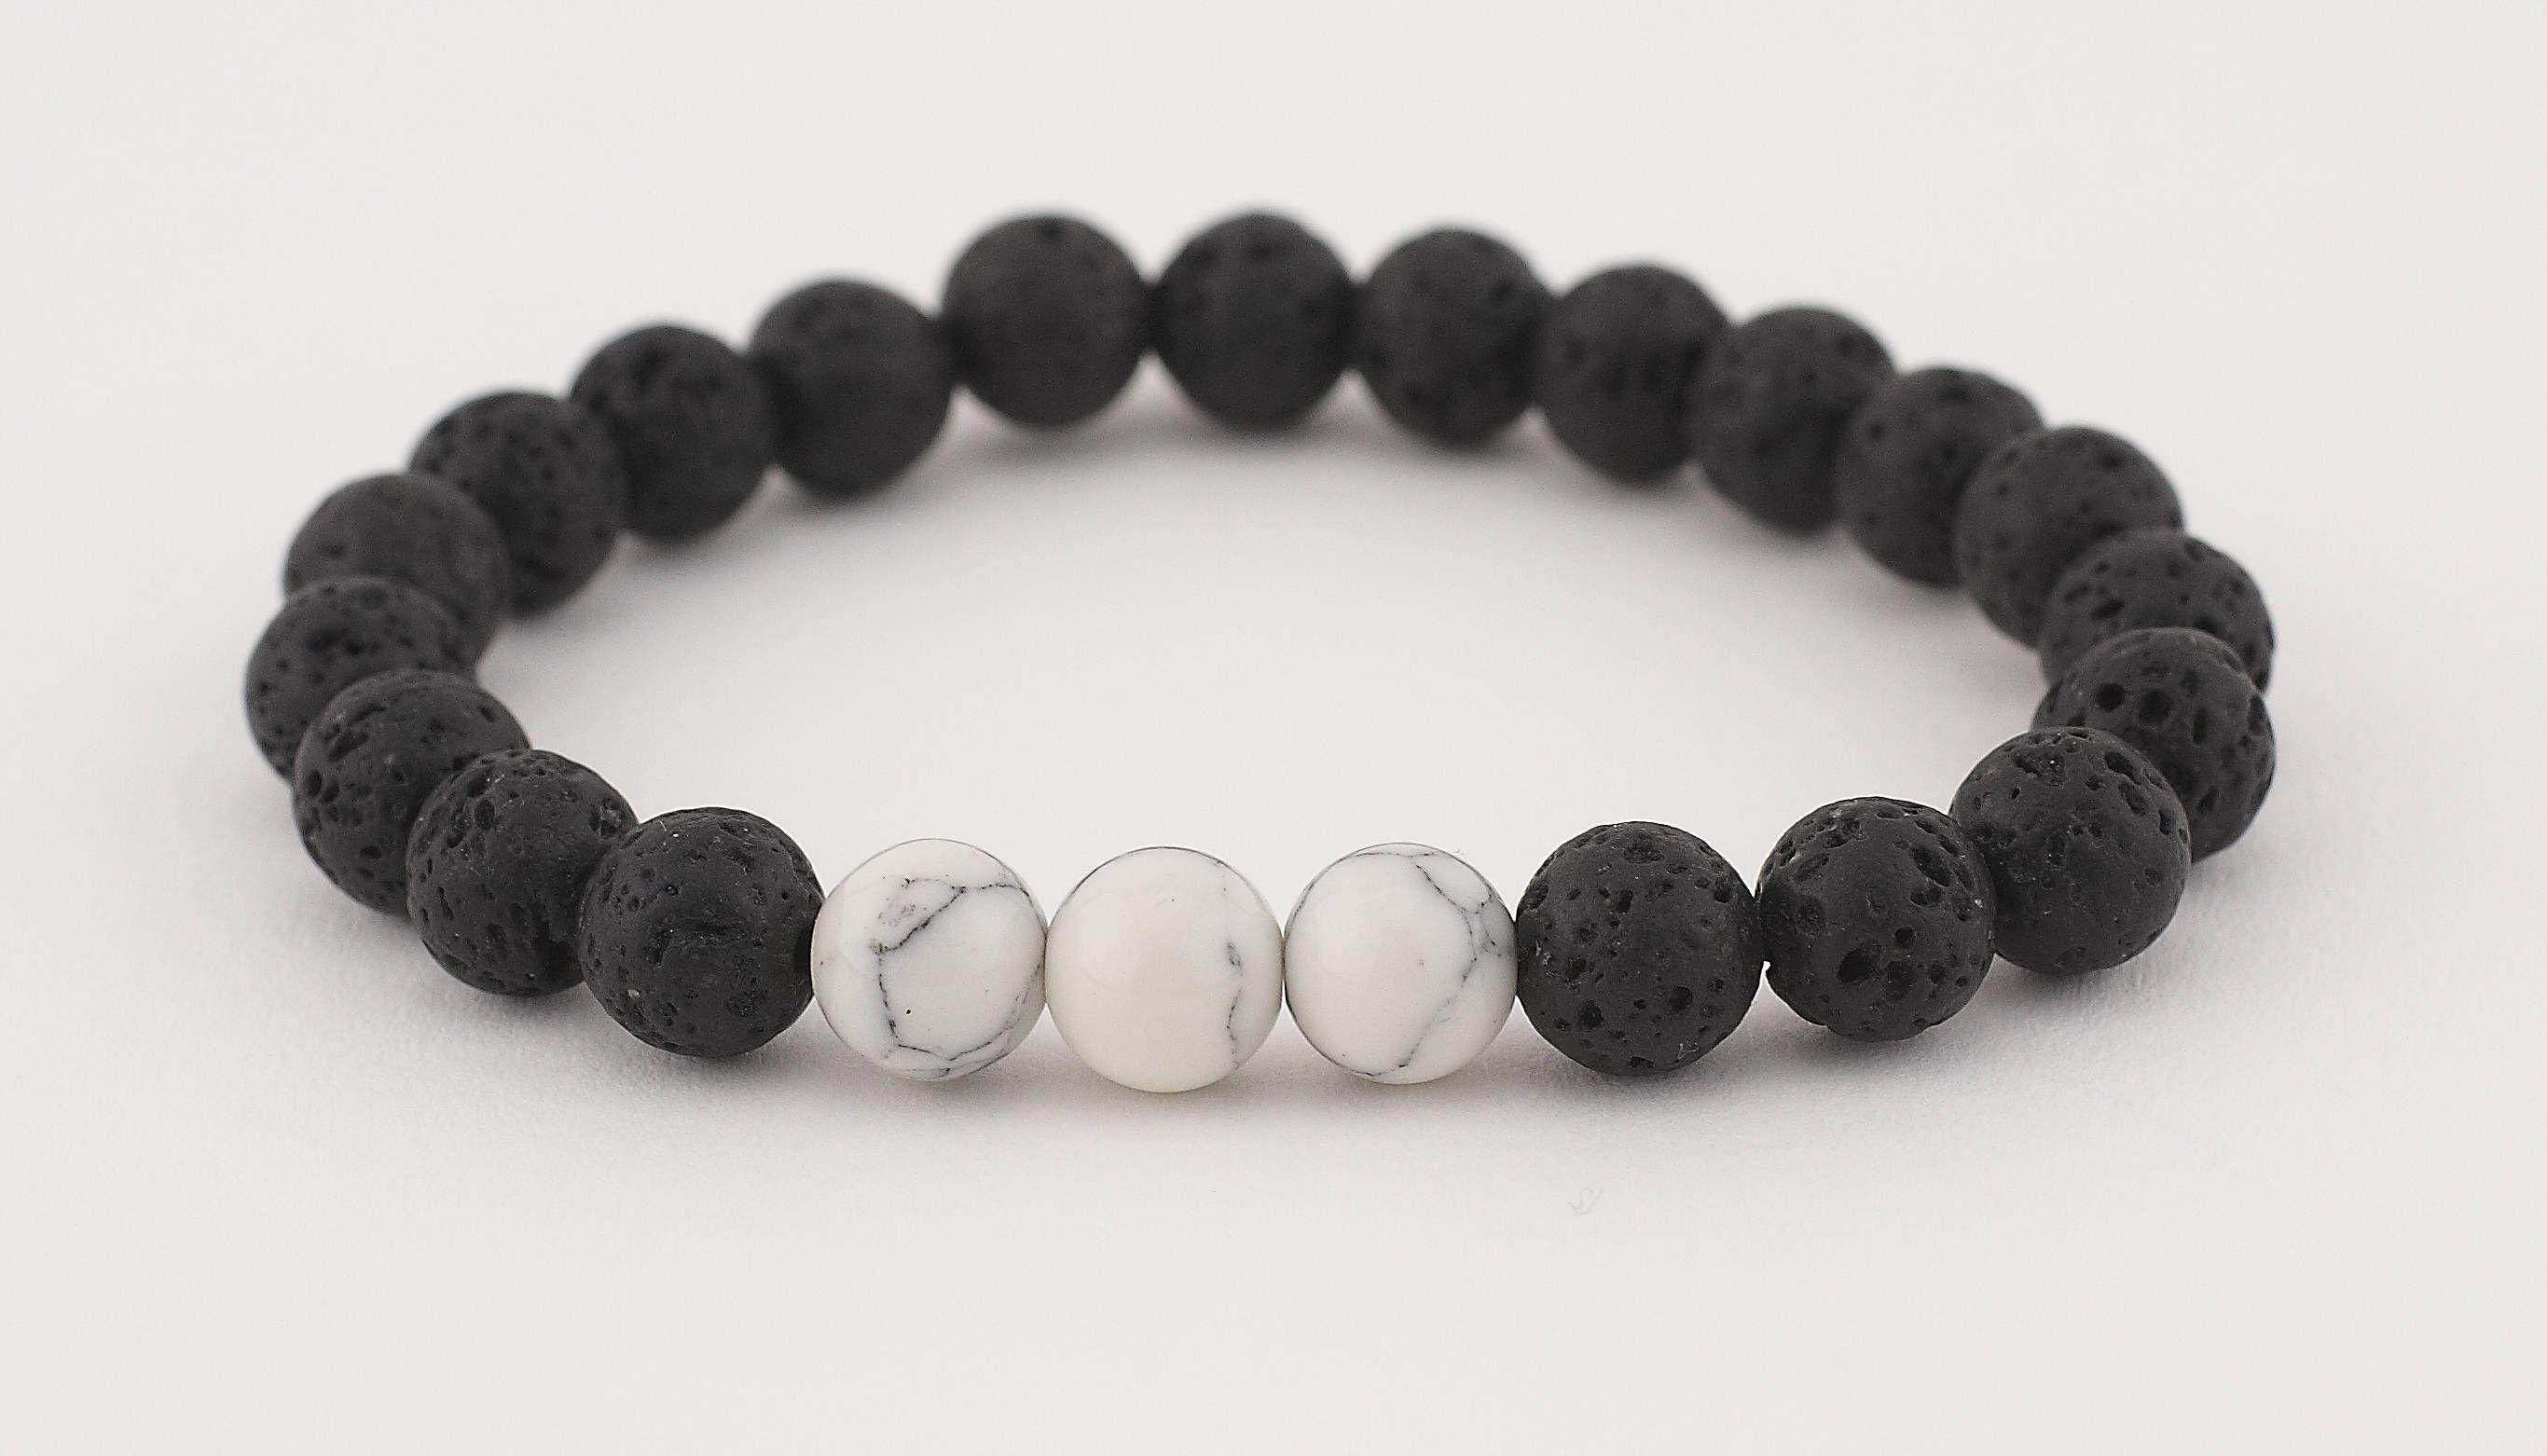 849dfe2c57d25 Essential Oils · Bracelet · Lava bead bracelet